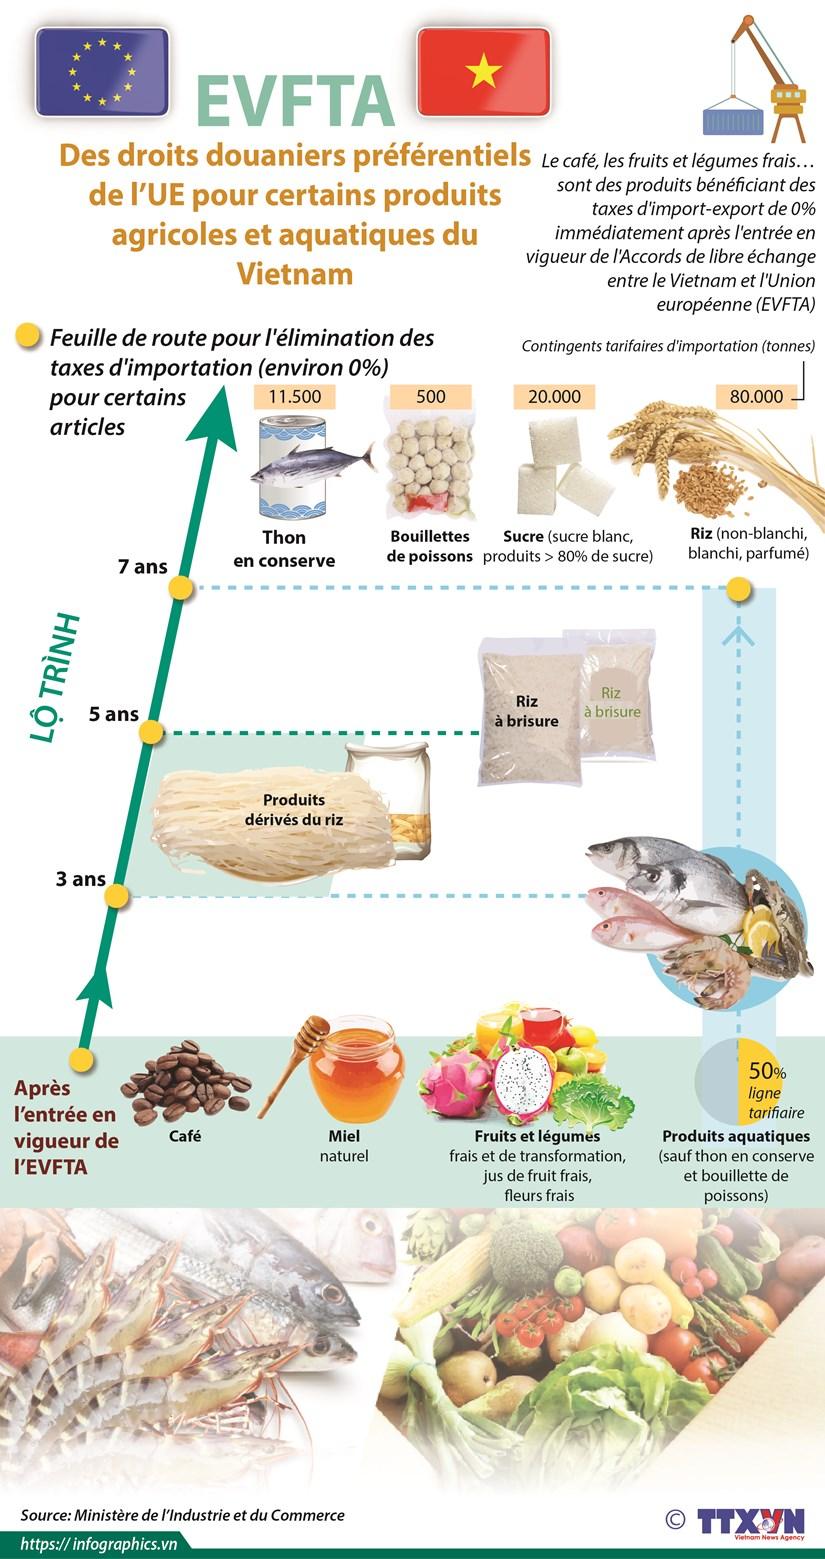 EVFTA: Des droits douaniers preferentiels de l'UE pour produits agricoles et aquatiques du Vietnam hinh anh 1